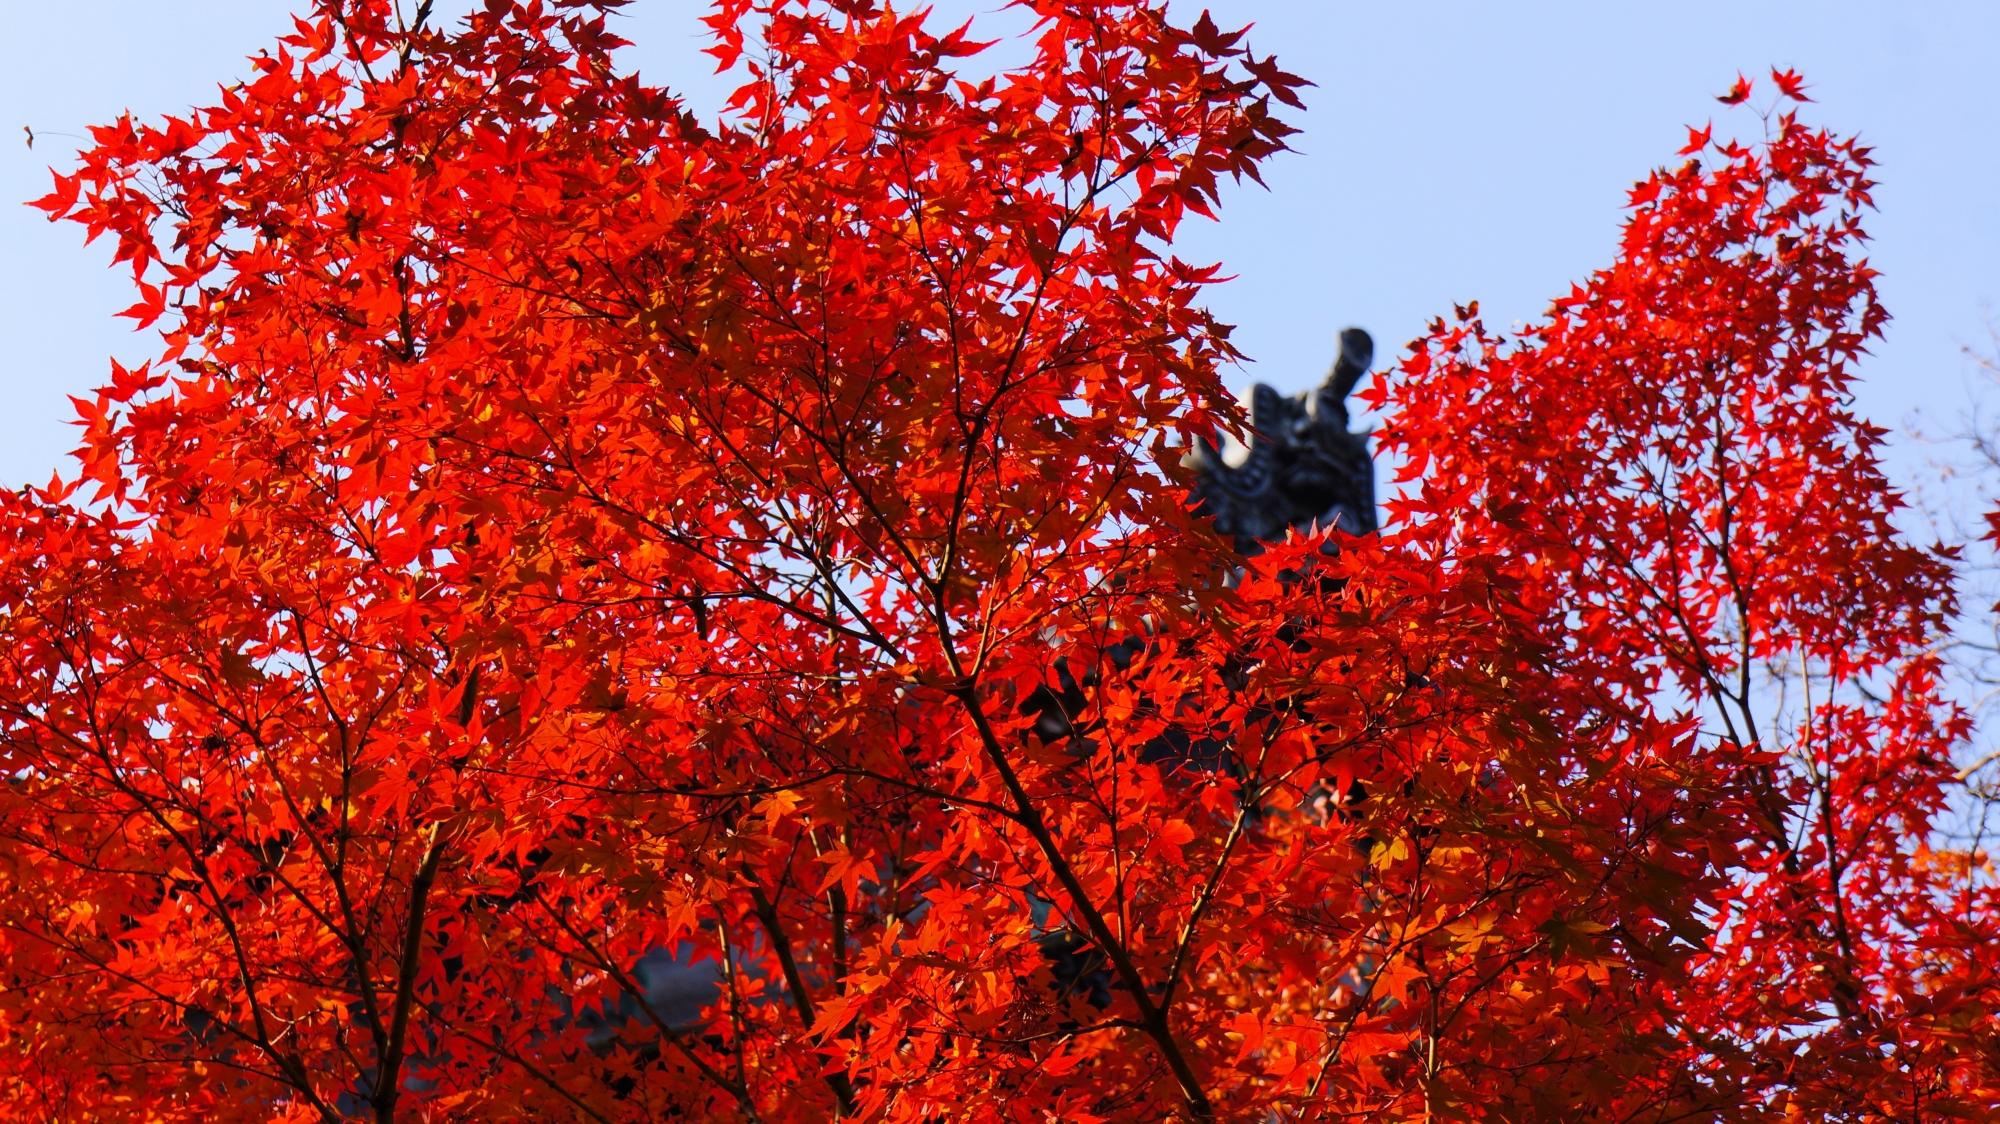 本堂を鮮やかに染める真っ赤な紅葉